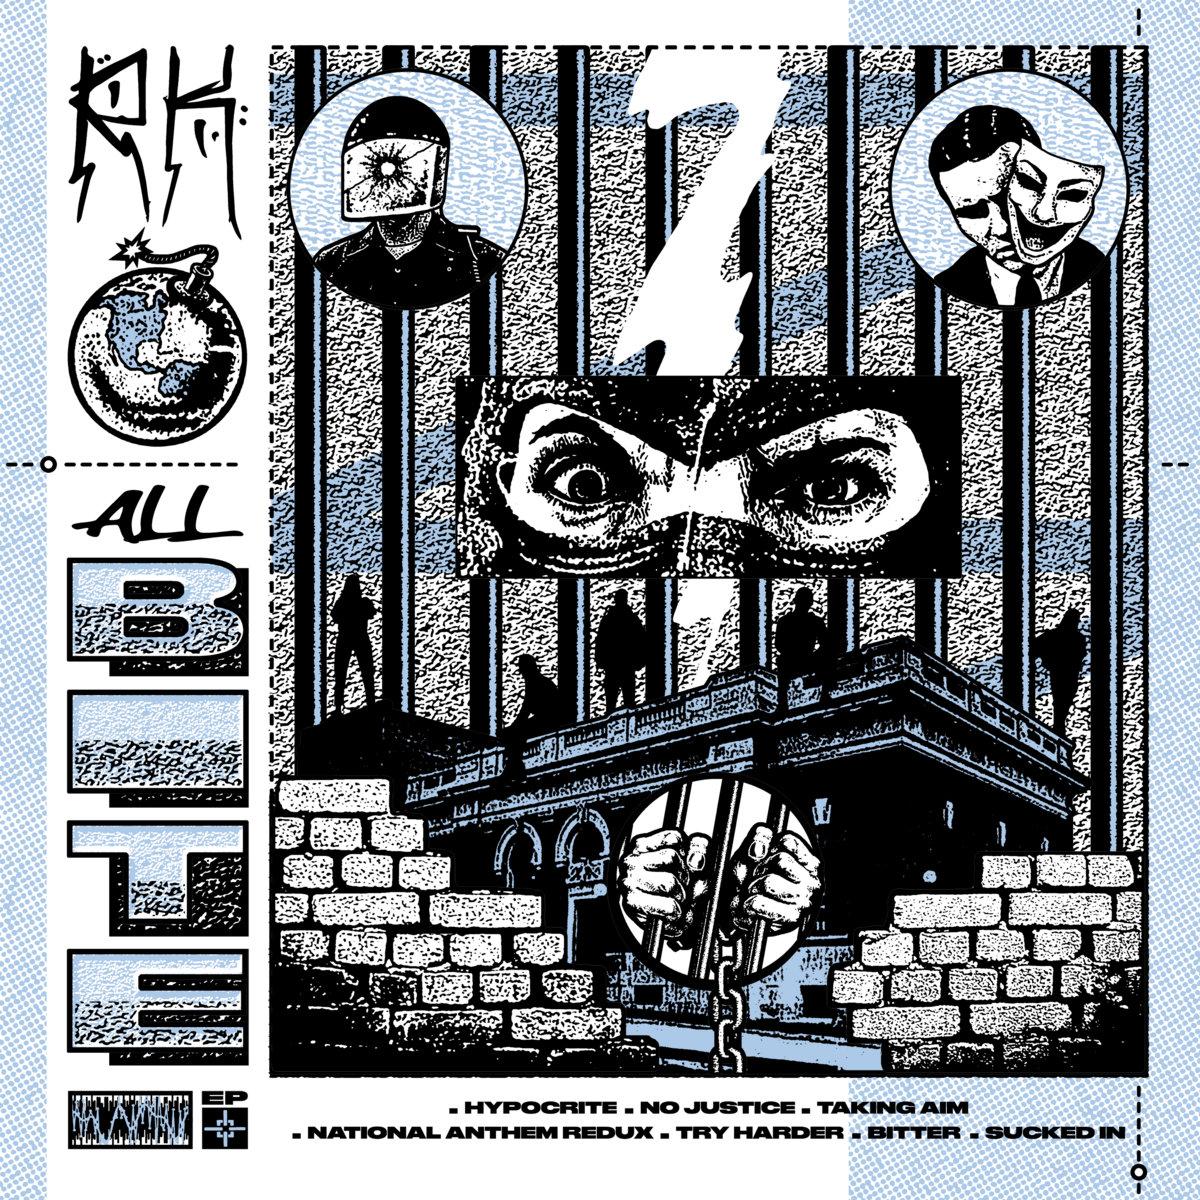 RATKING - ALL BITE album artwork